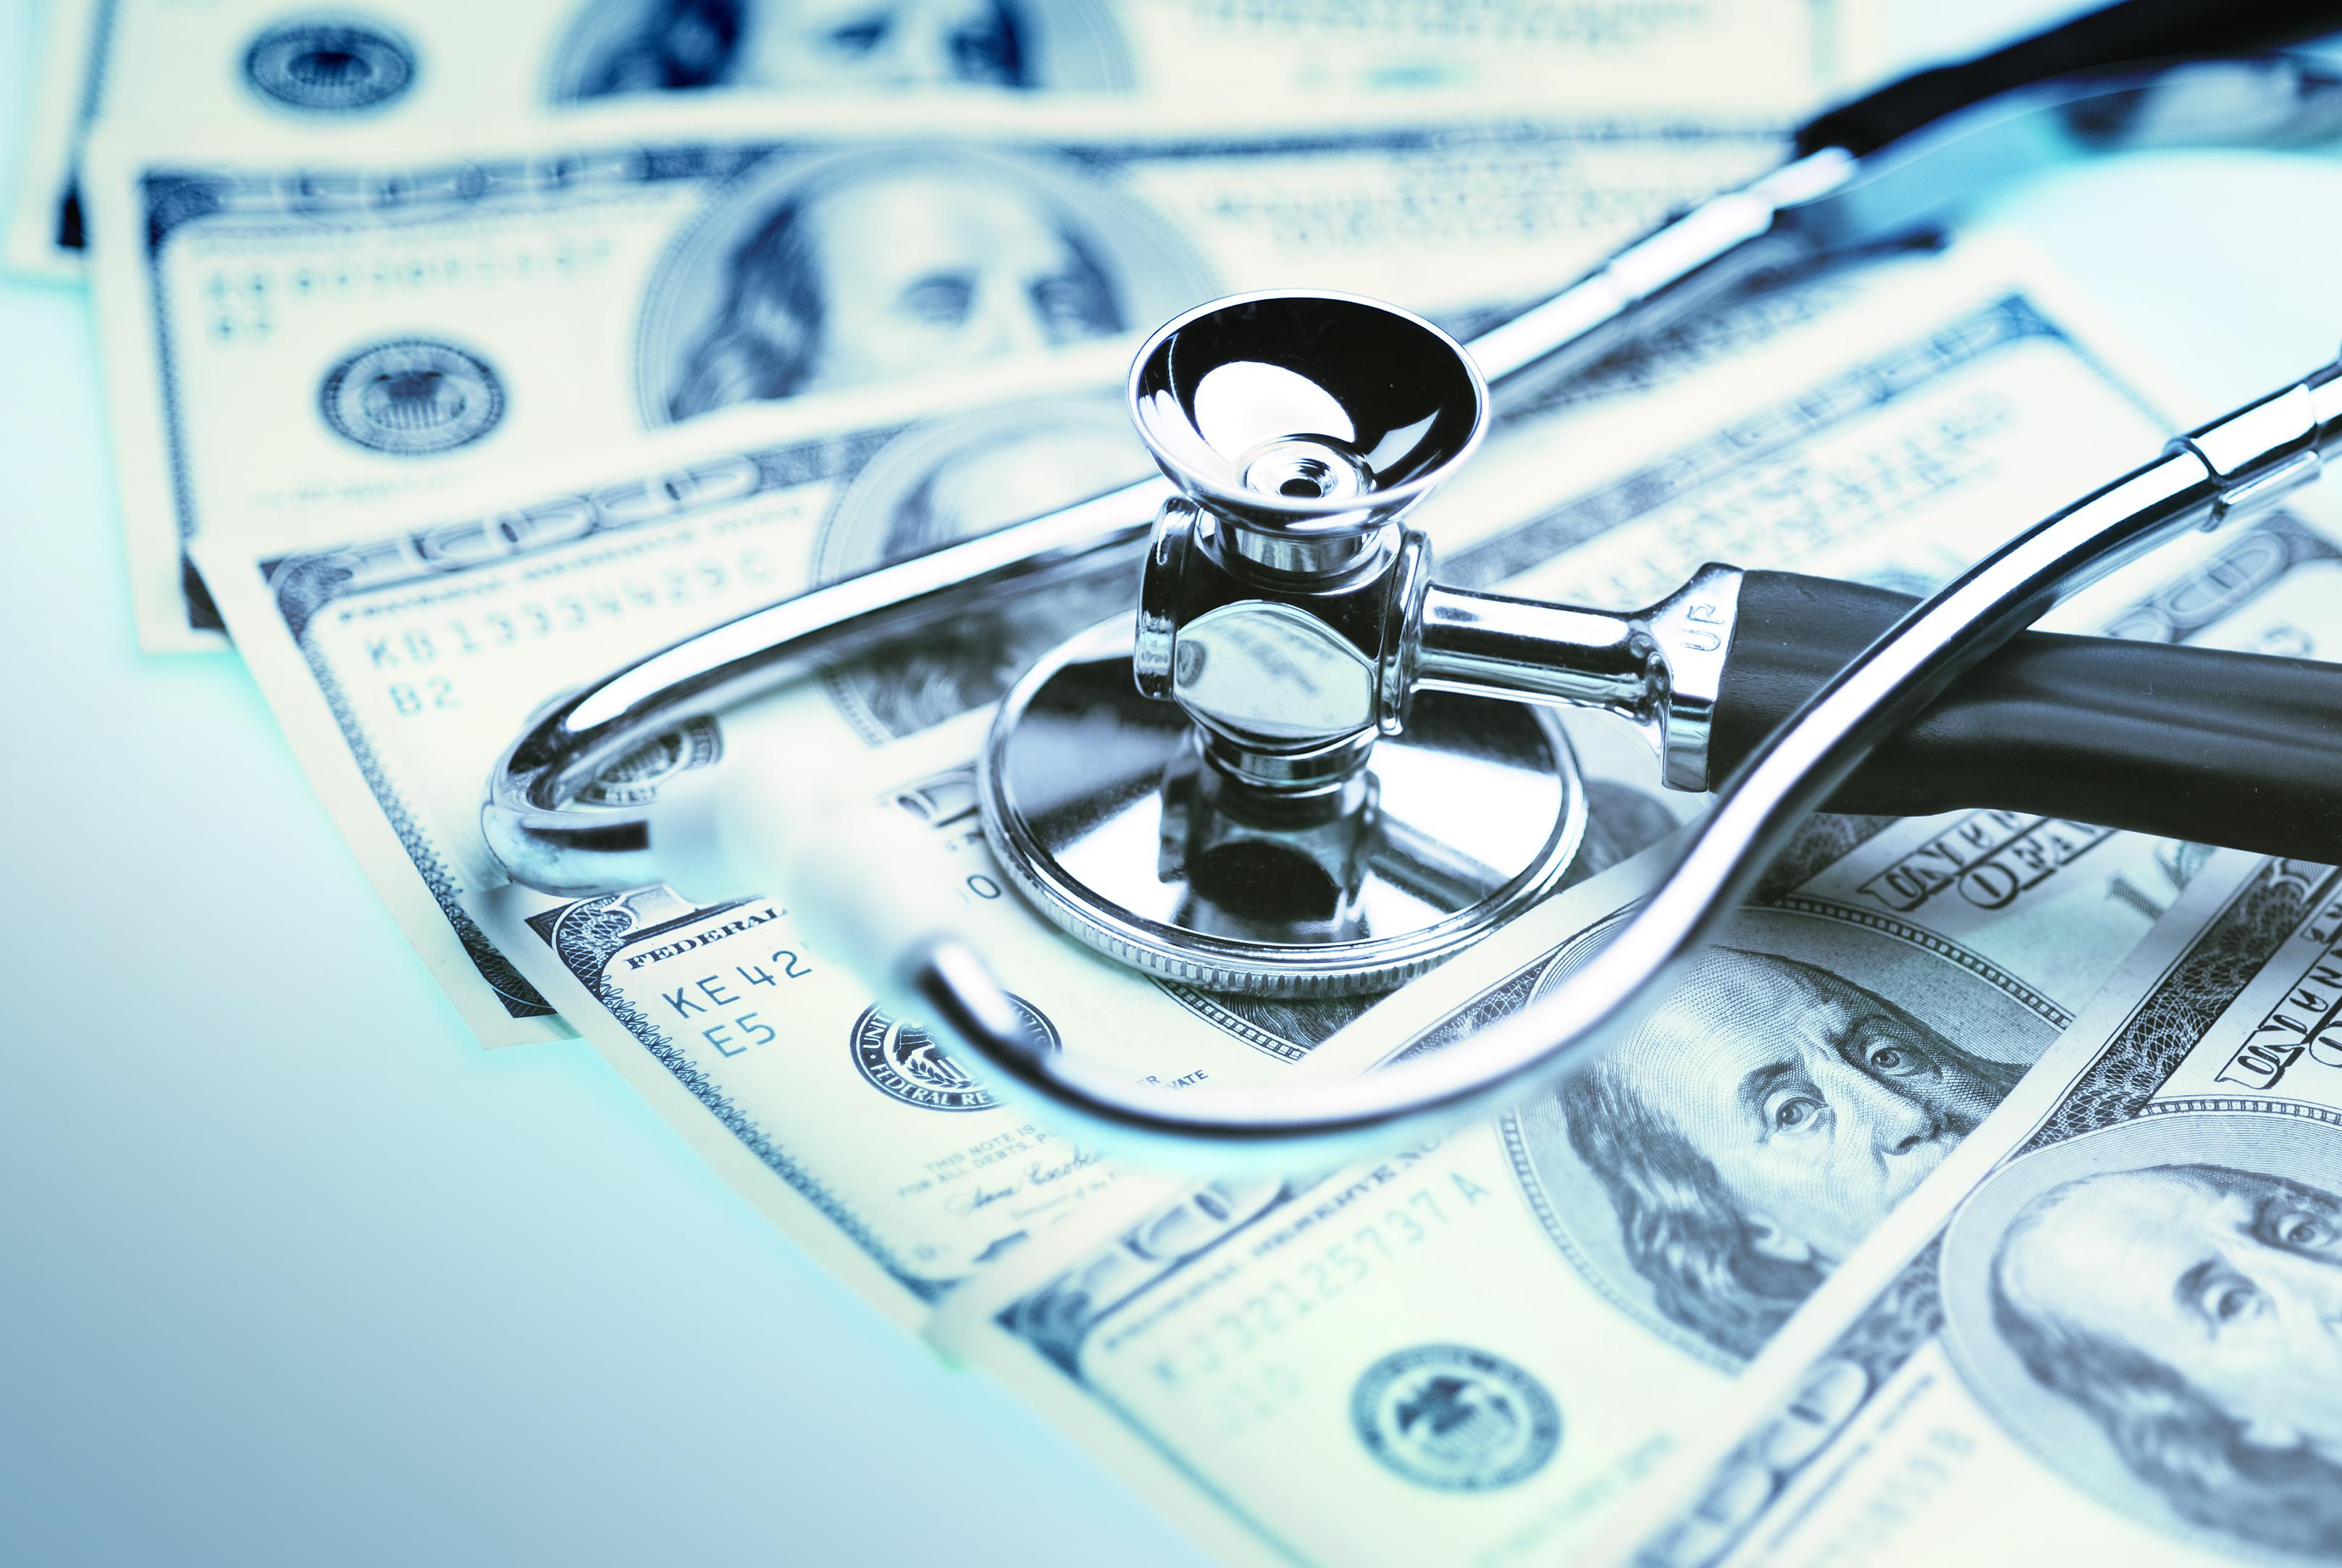 Stethoscope lying on pile of money